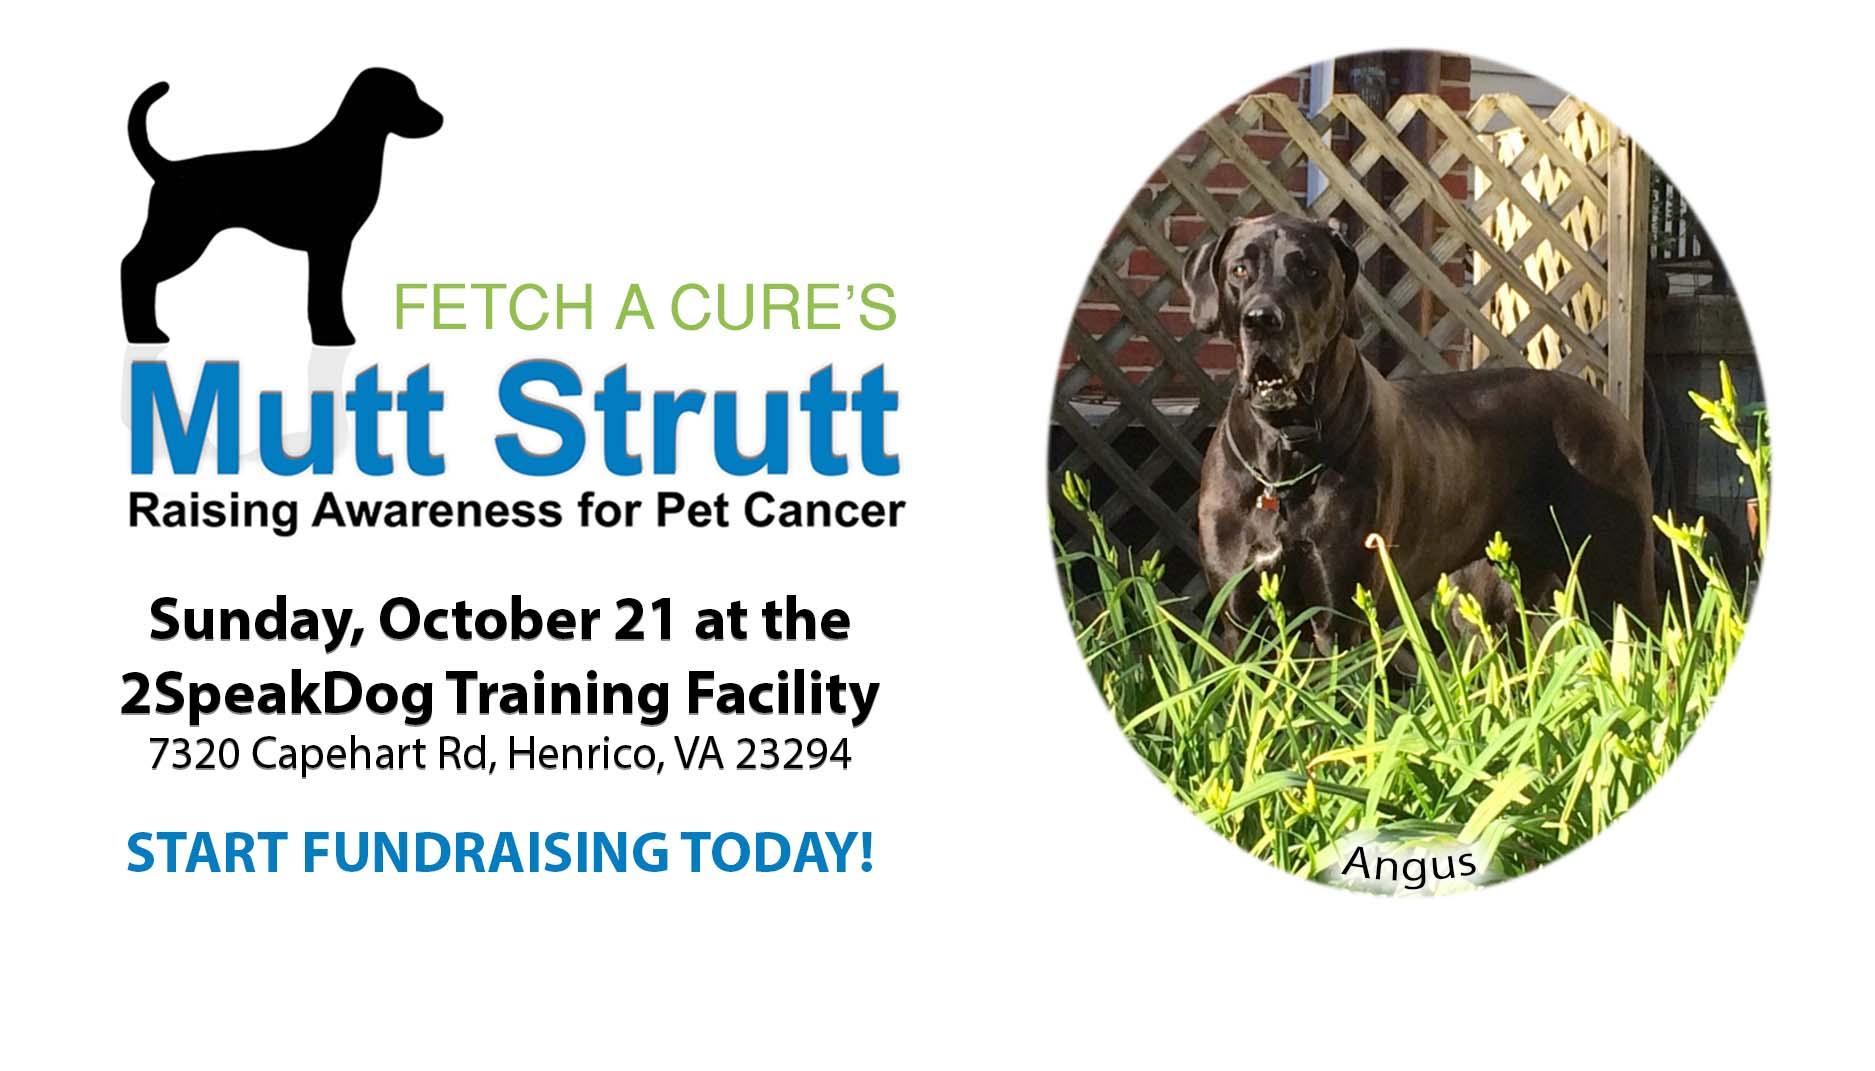 2018 Mutt Strutt Pet Cancer Awareness Walk